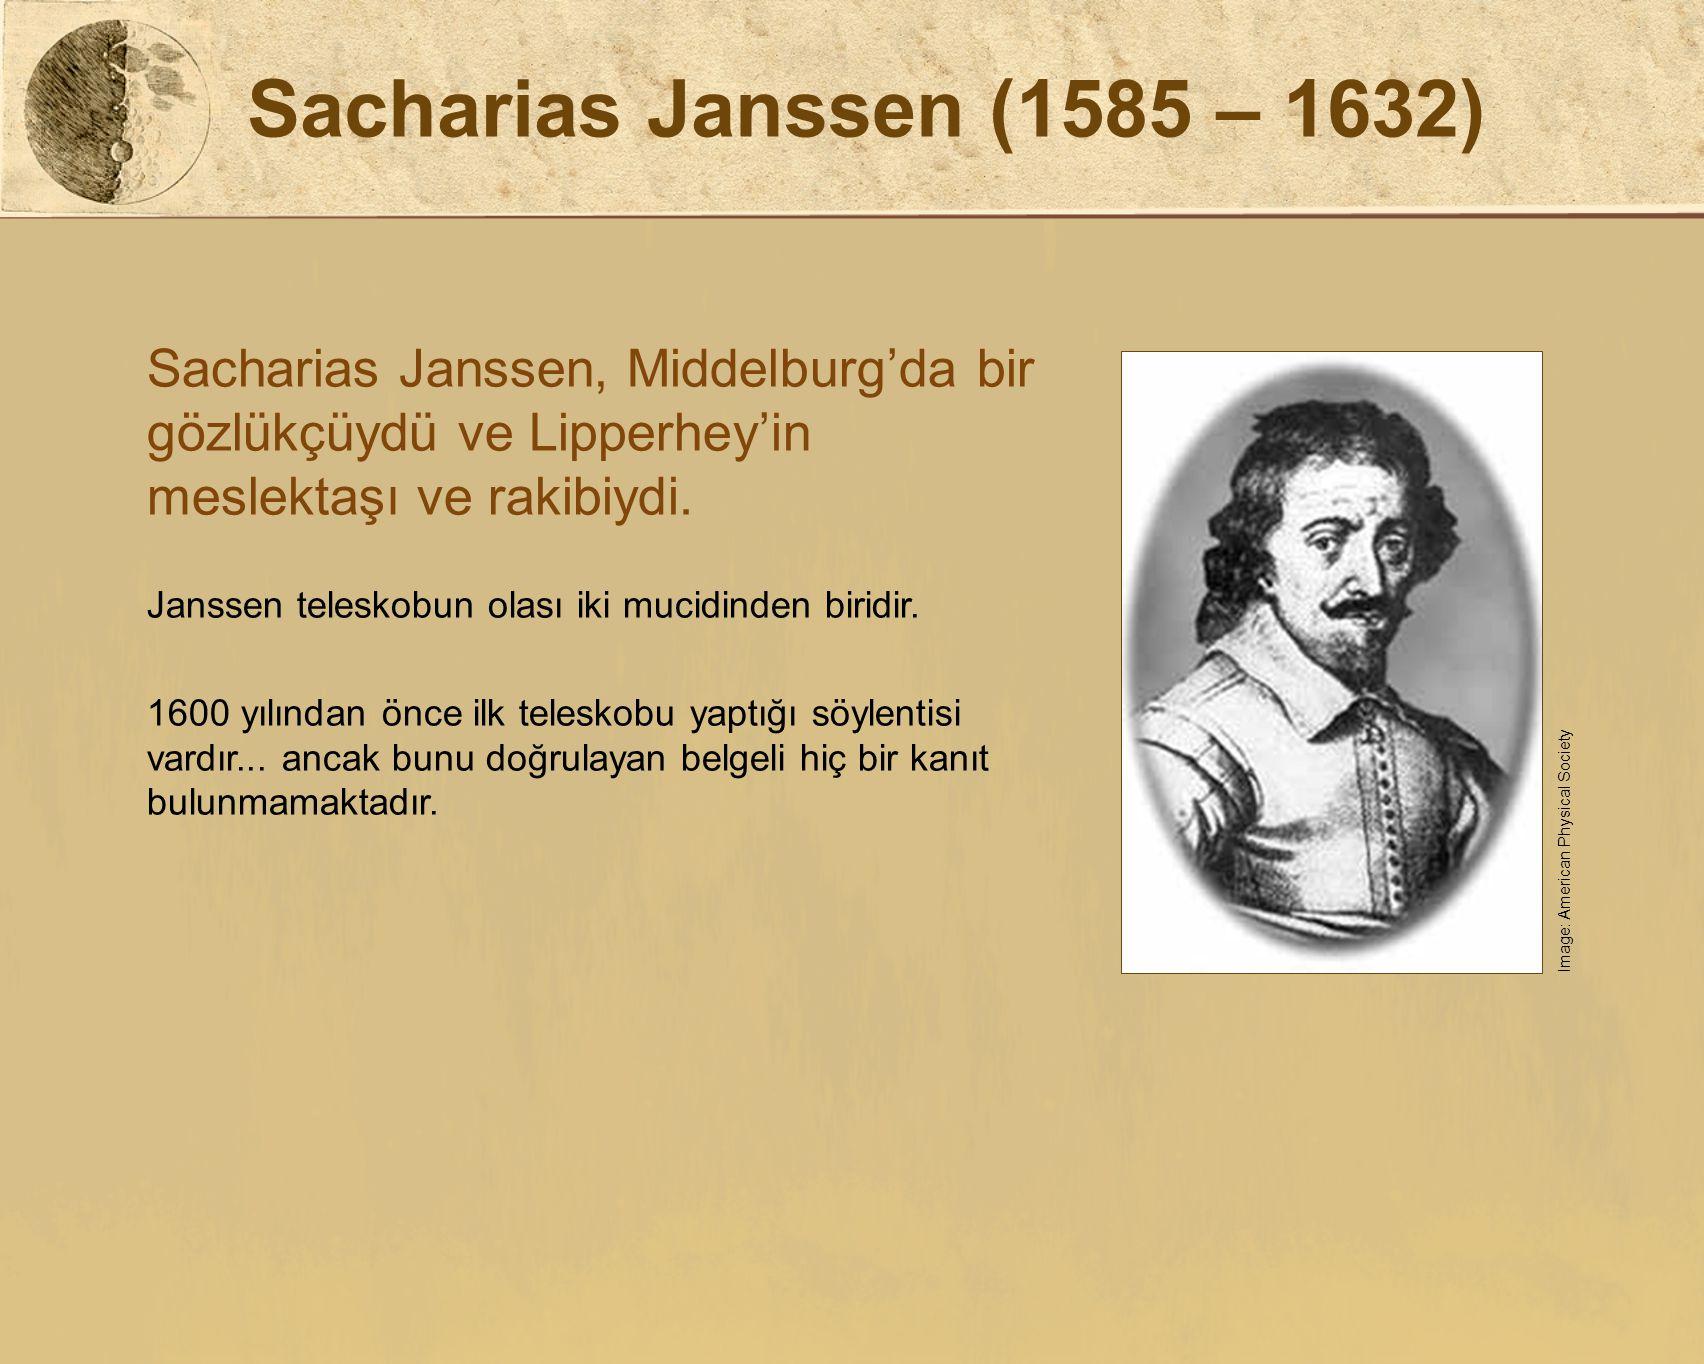 Sacharias Janssen (1585 – 1632) Sacharias Janssen, Middelburg'da bir gözlükçüydü ve Lipperhey'in meslektaşı ve rakibiydi.